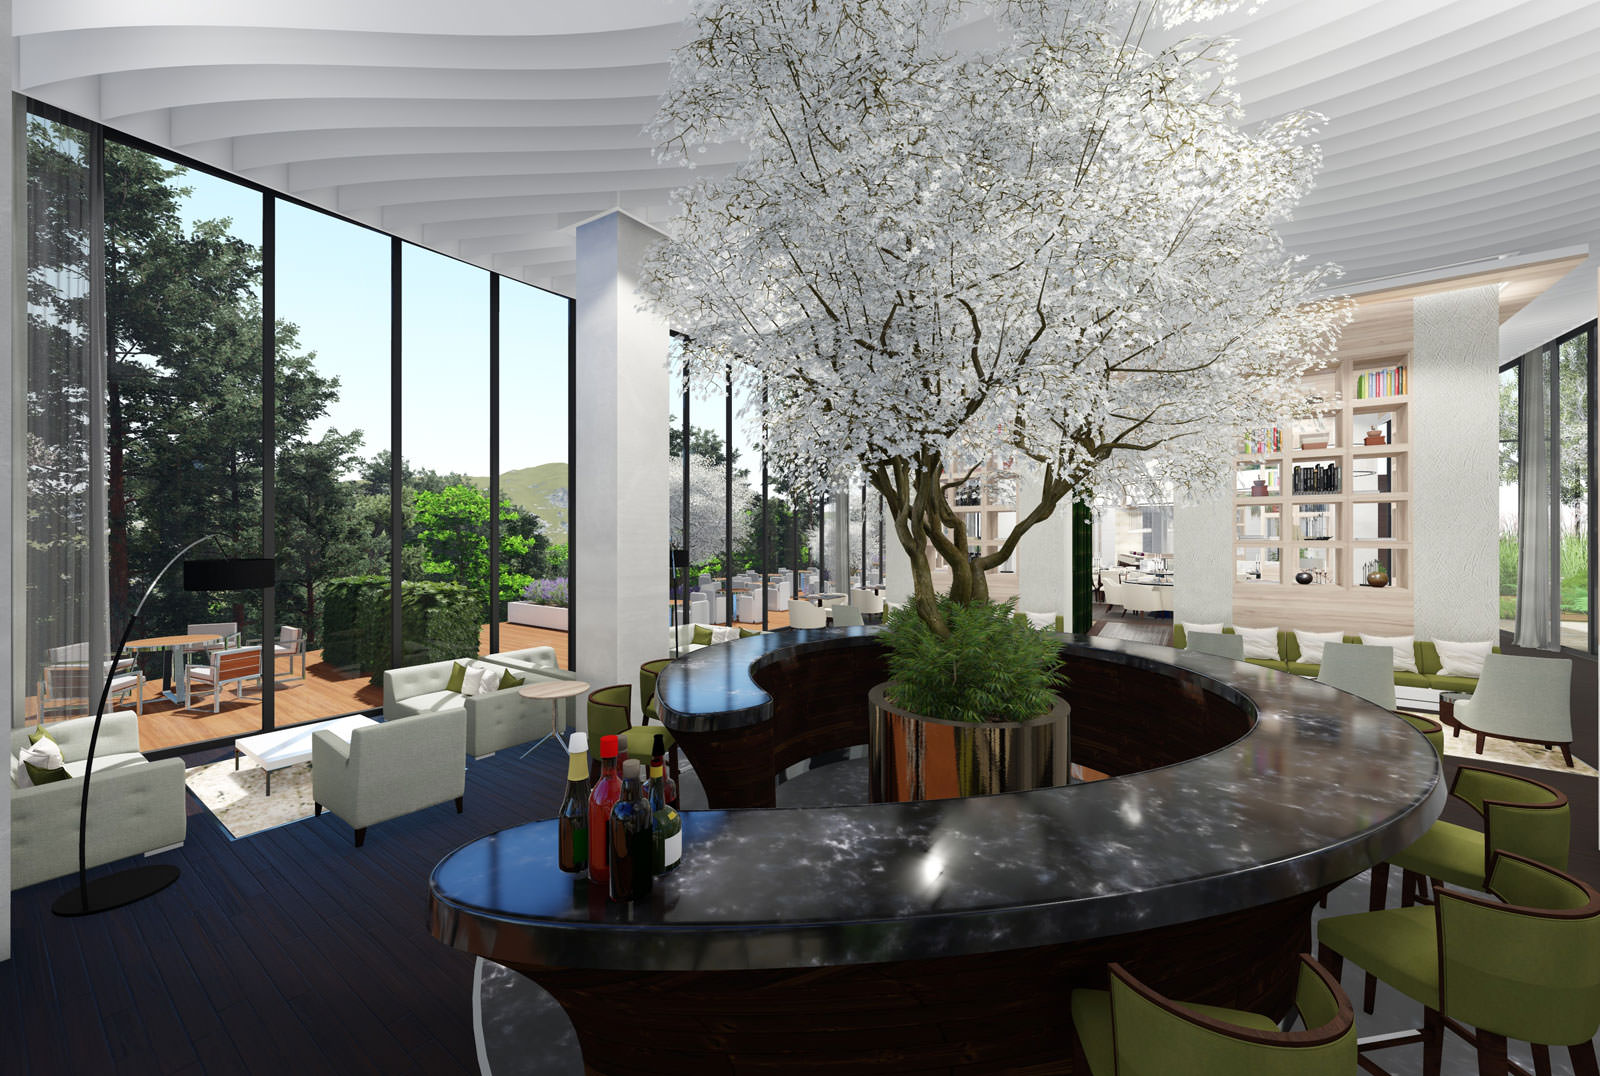 Marriott Golf & Spa Hotel